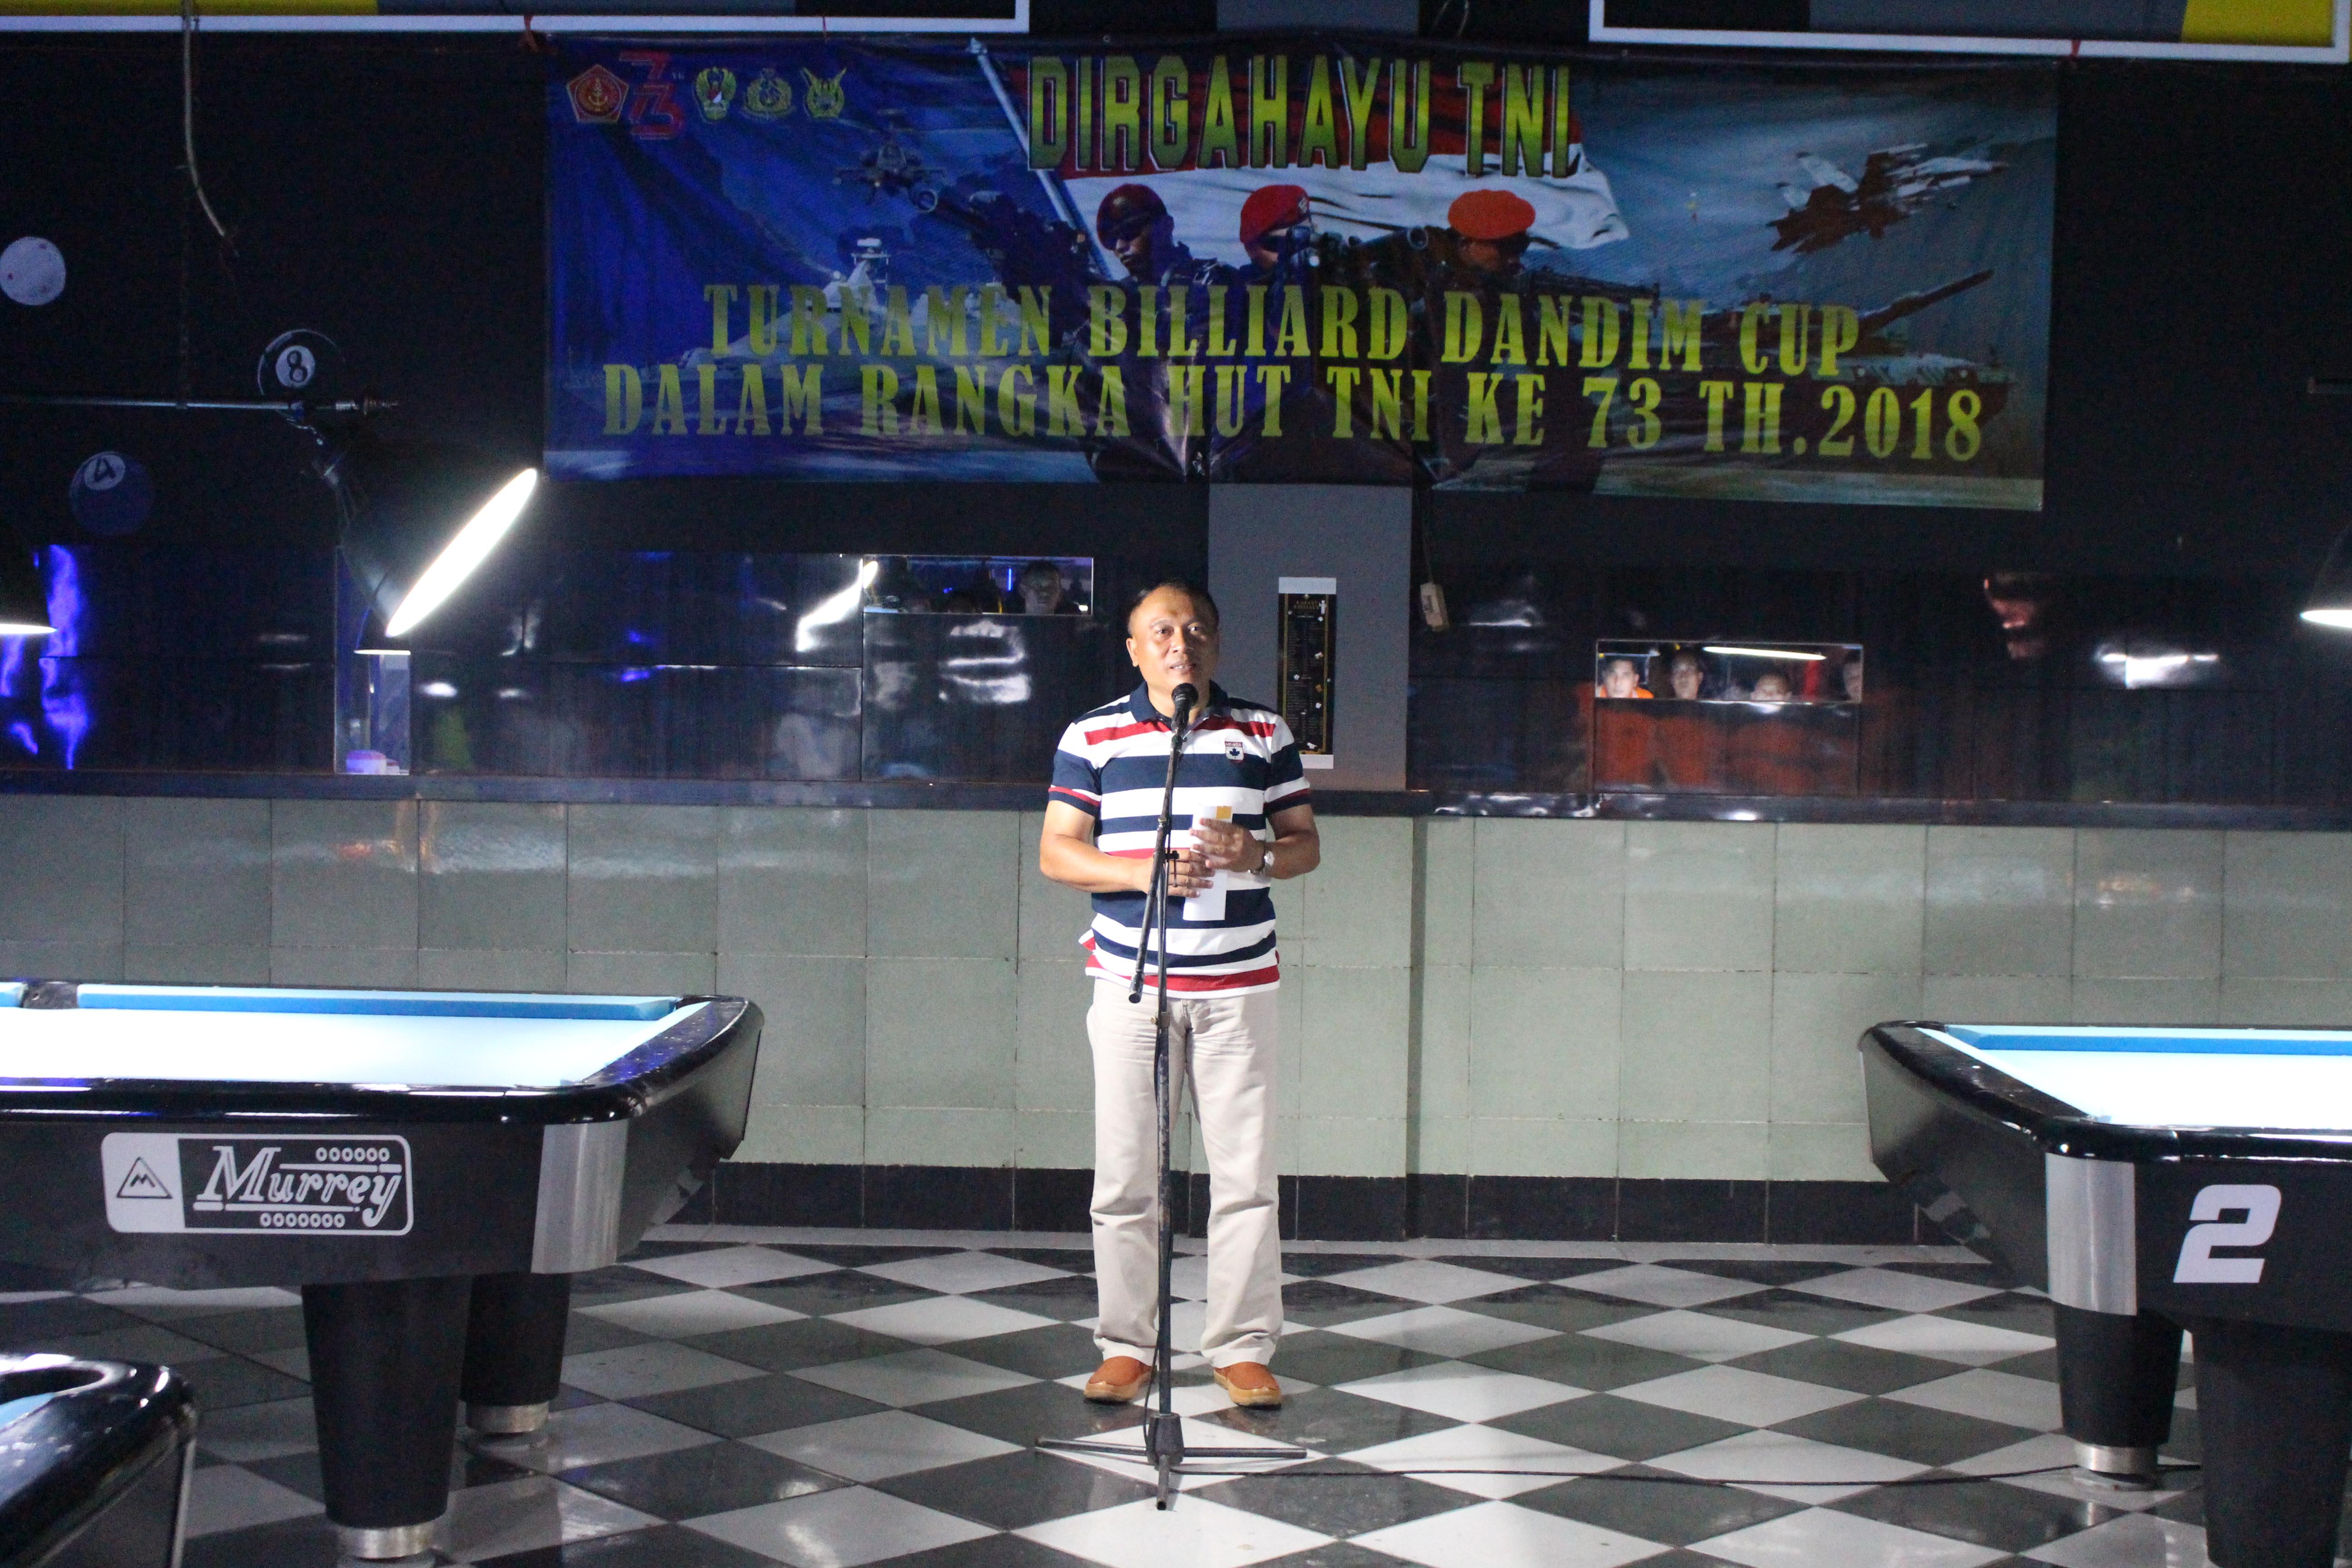 Dandim 0711/Pemalang Membuka Turnamen Biliard Dandim Cup